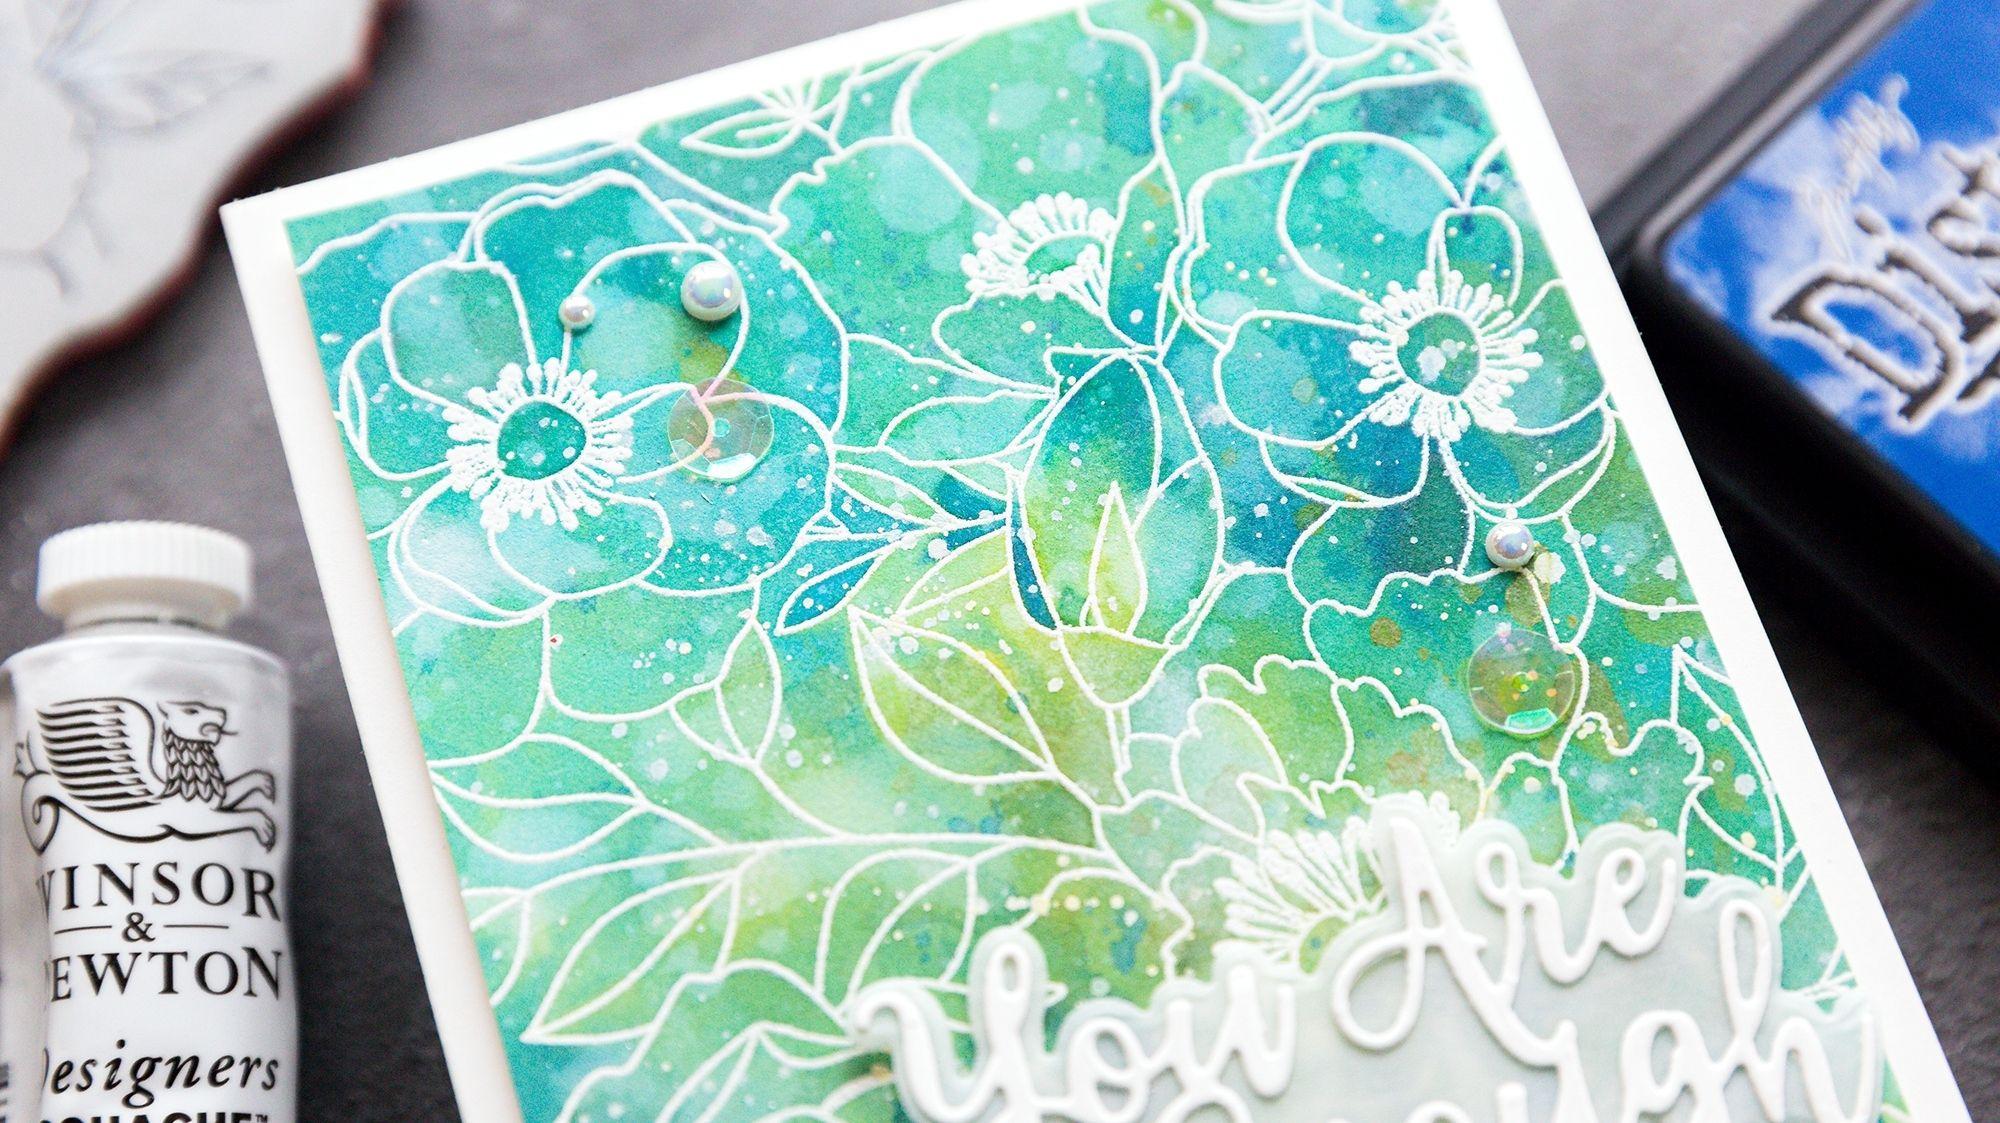 Video tutorial - watercoloured peonies, handmade cat card by Debby Hughes #handmadecards #cardmaking #cardmakingideas #cardmakingtechniques  #cardmakingtutorials #handmadecardideas